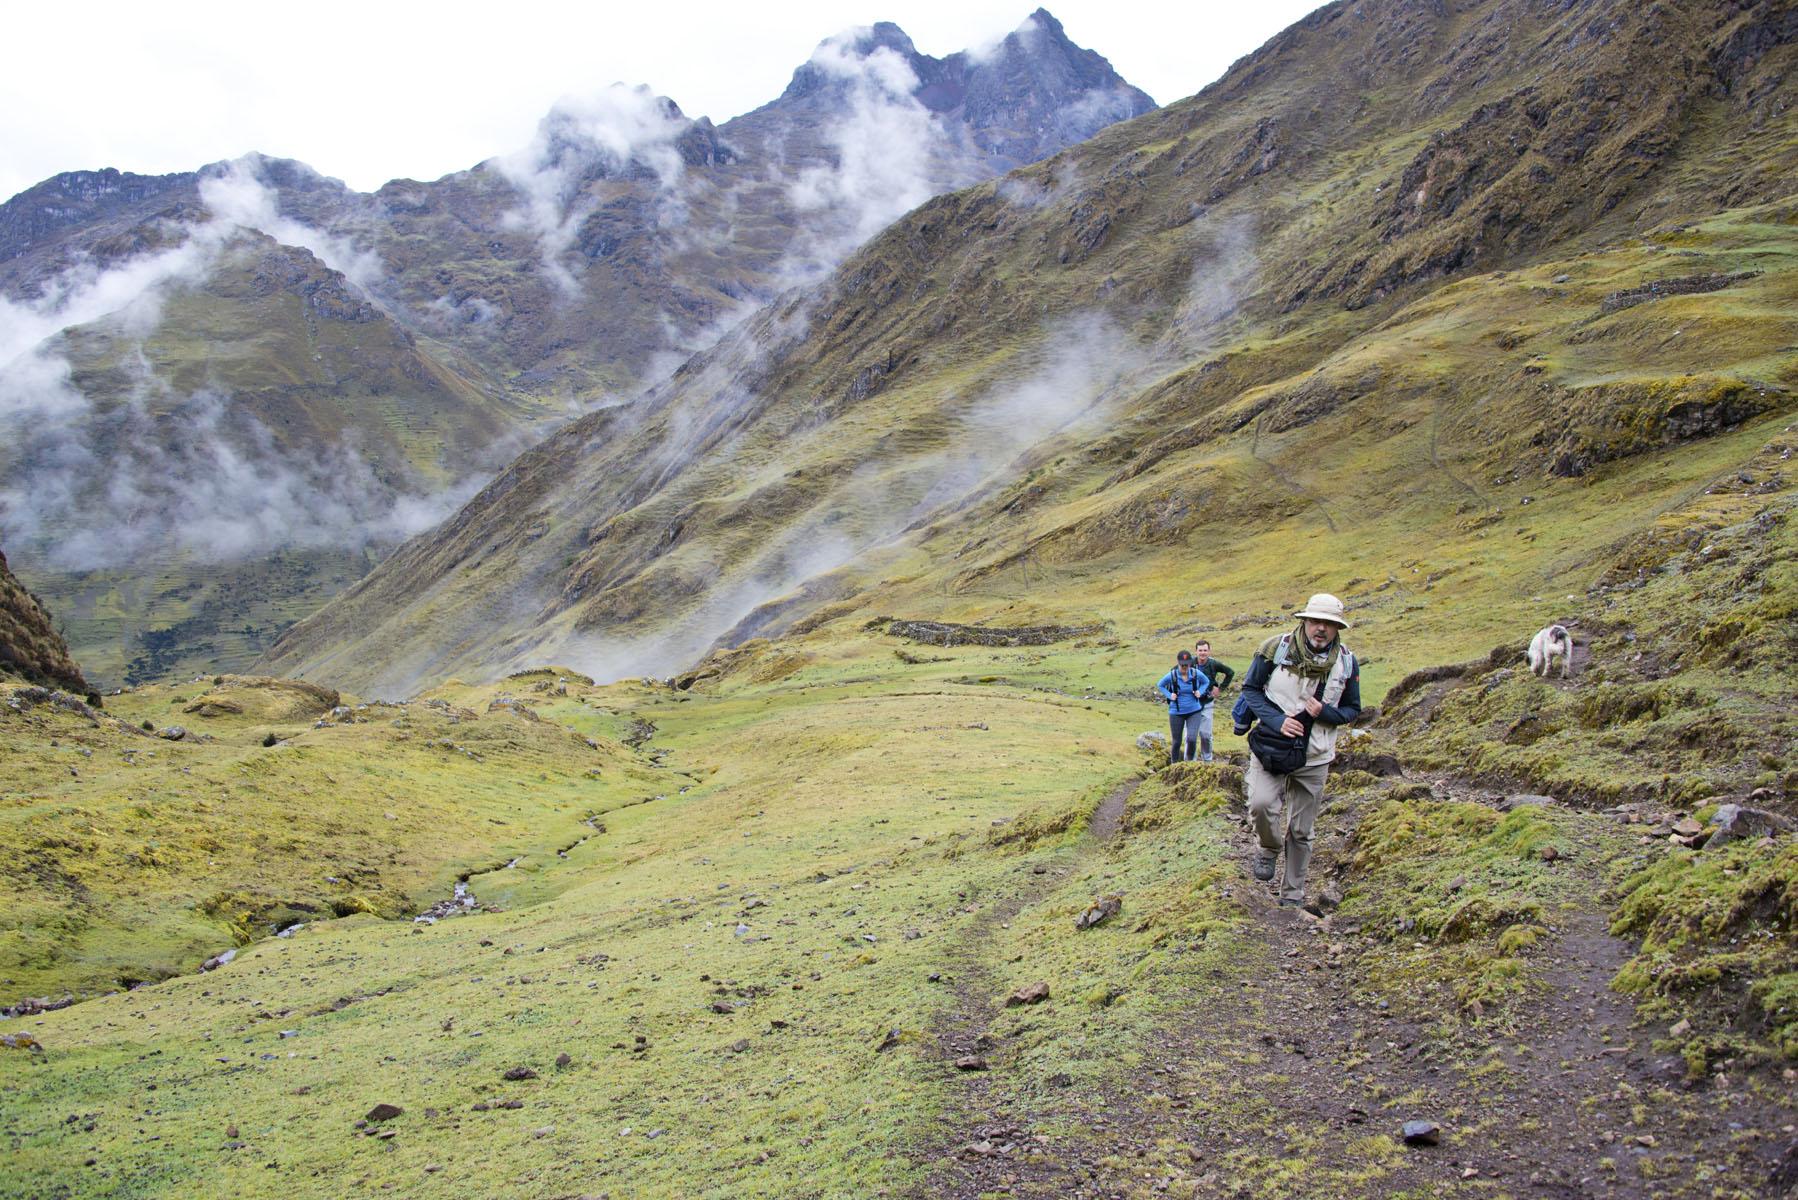 171-Peru-5-15_web.jpg